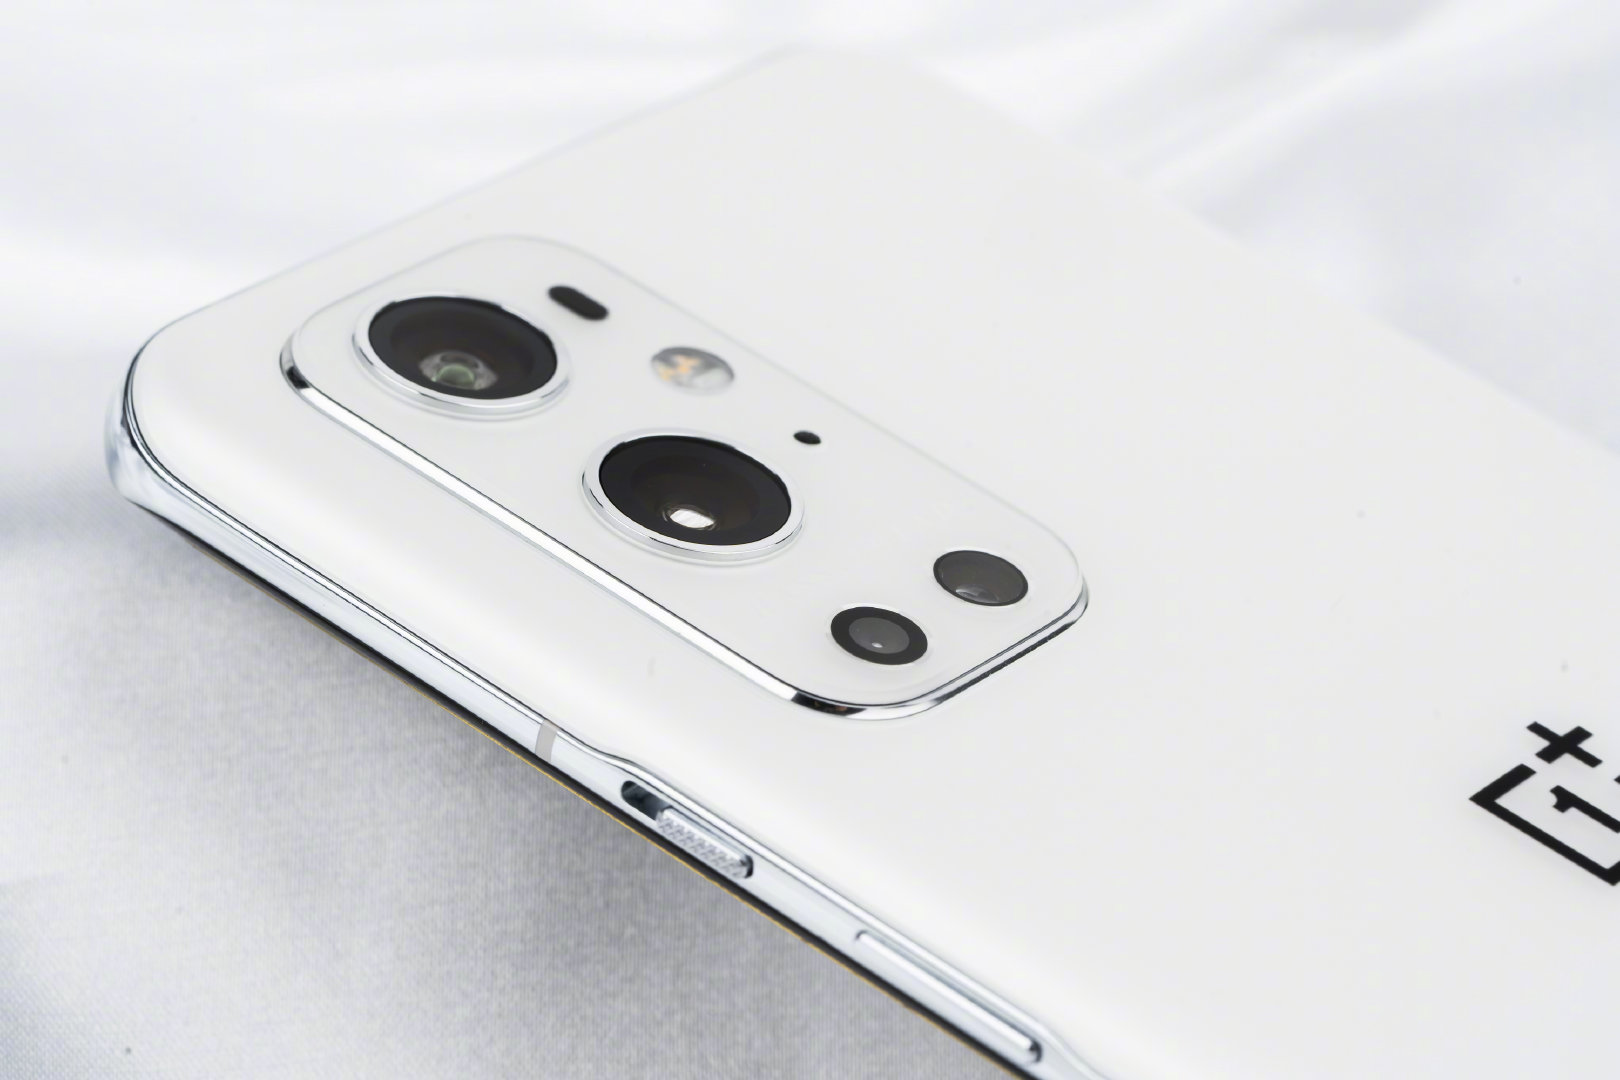 OnePlus 9 Pro White Version